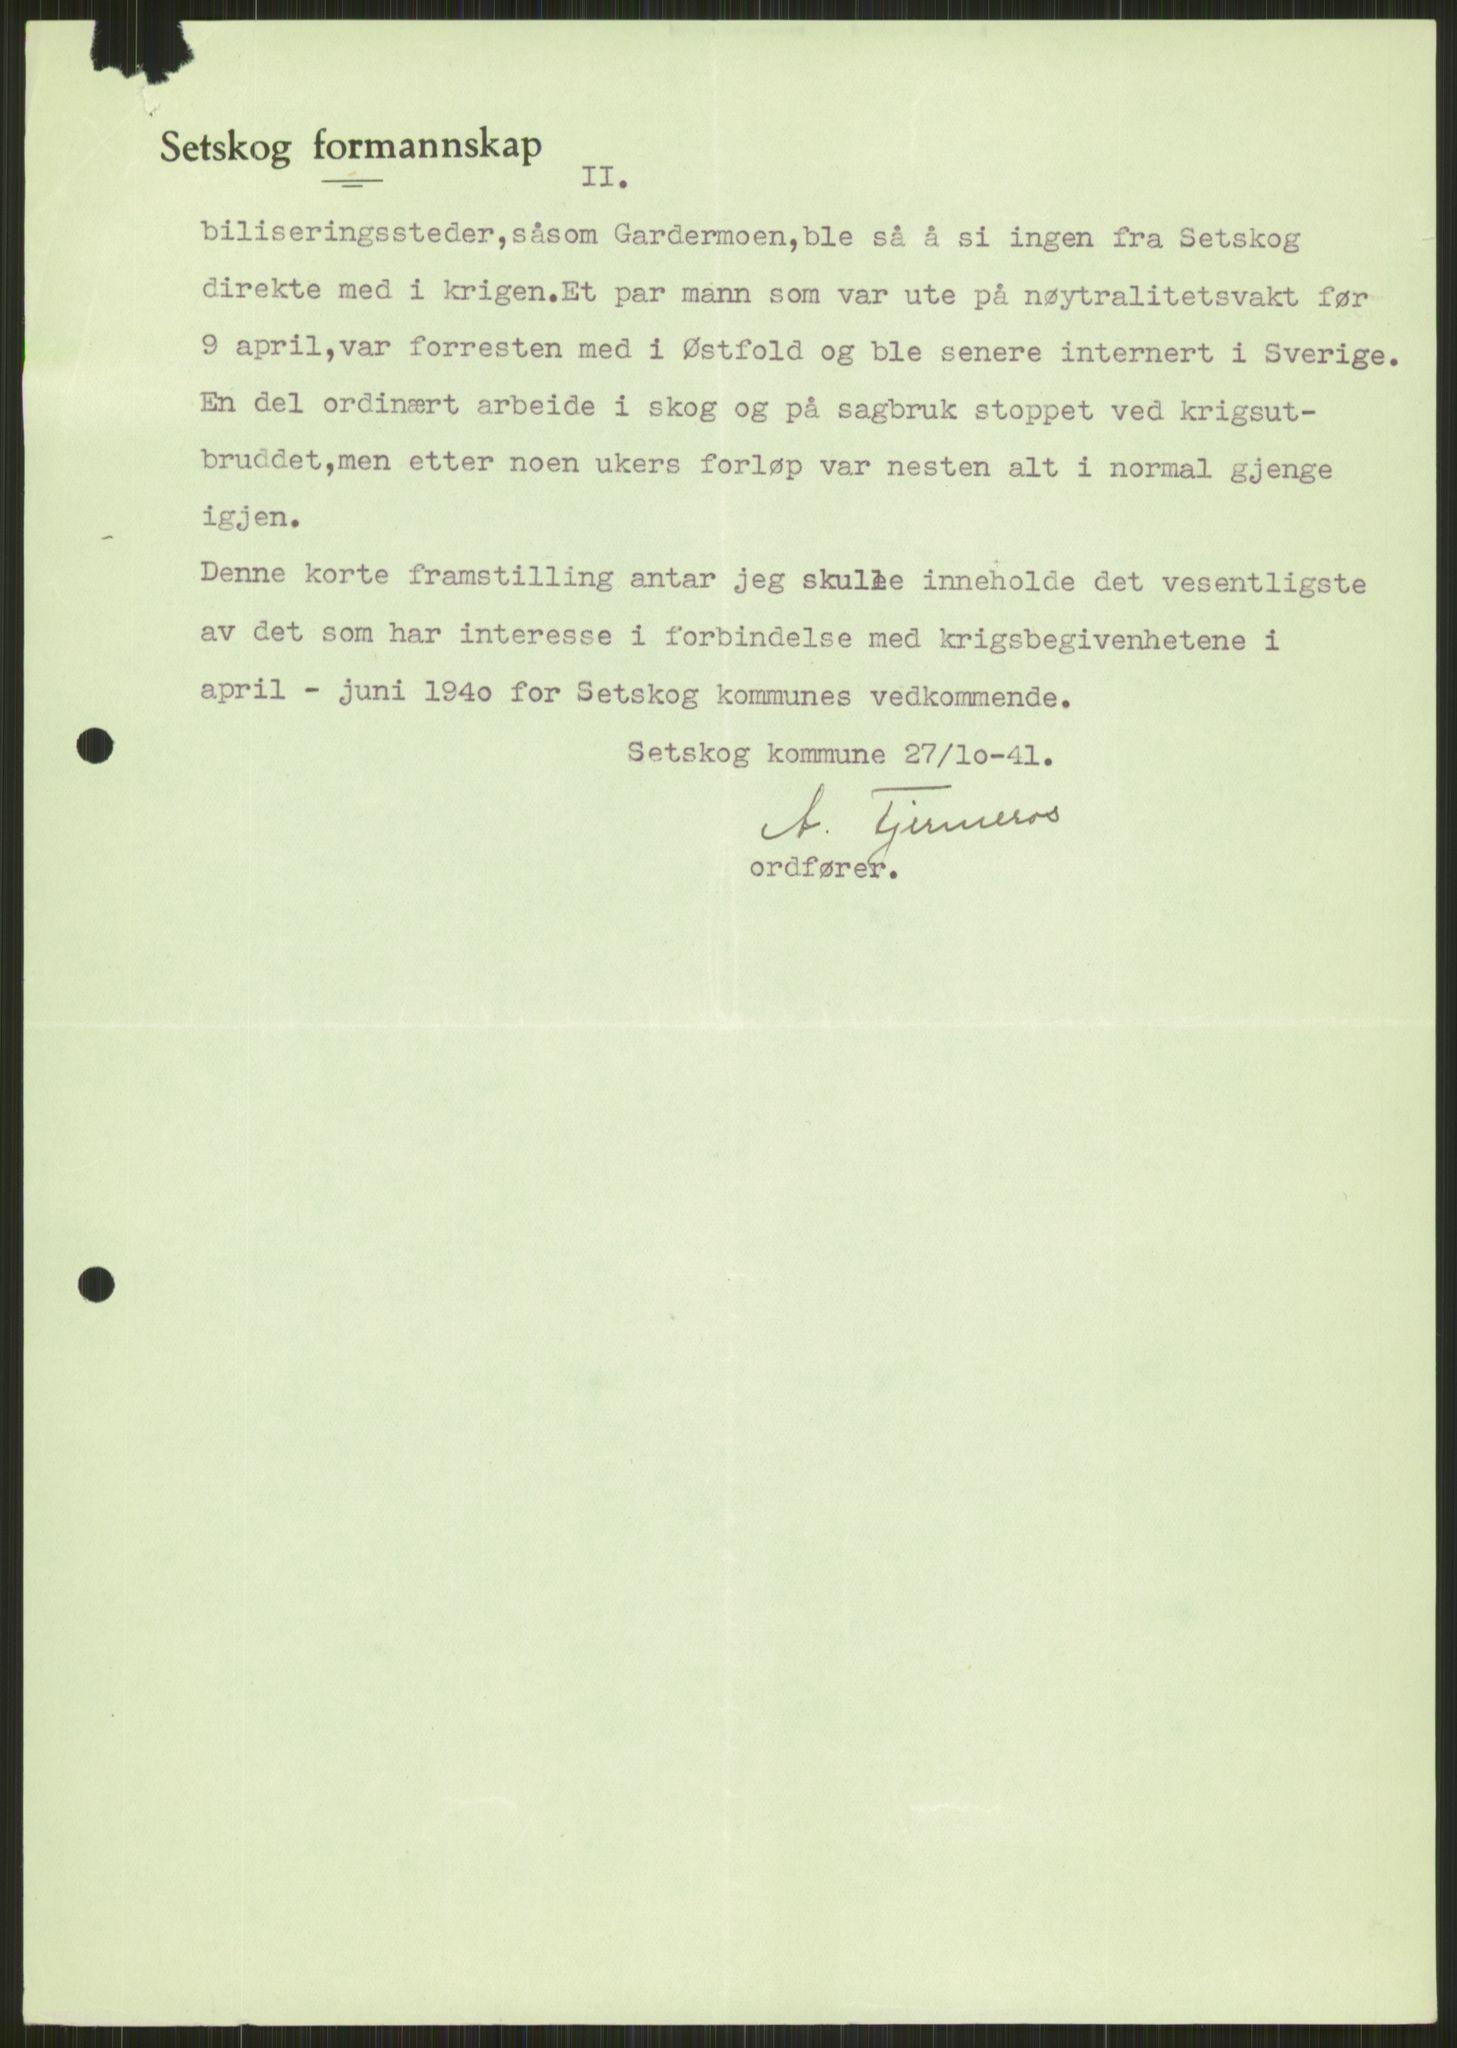 RA, Forsvaret, Forsvarets krigshistoriske avdeling, Y/Ya/L0013: II-C-11-31 - Fylkesmenn.  Rapporter om krigsbegivenhetene 1940., 1940, s. 826